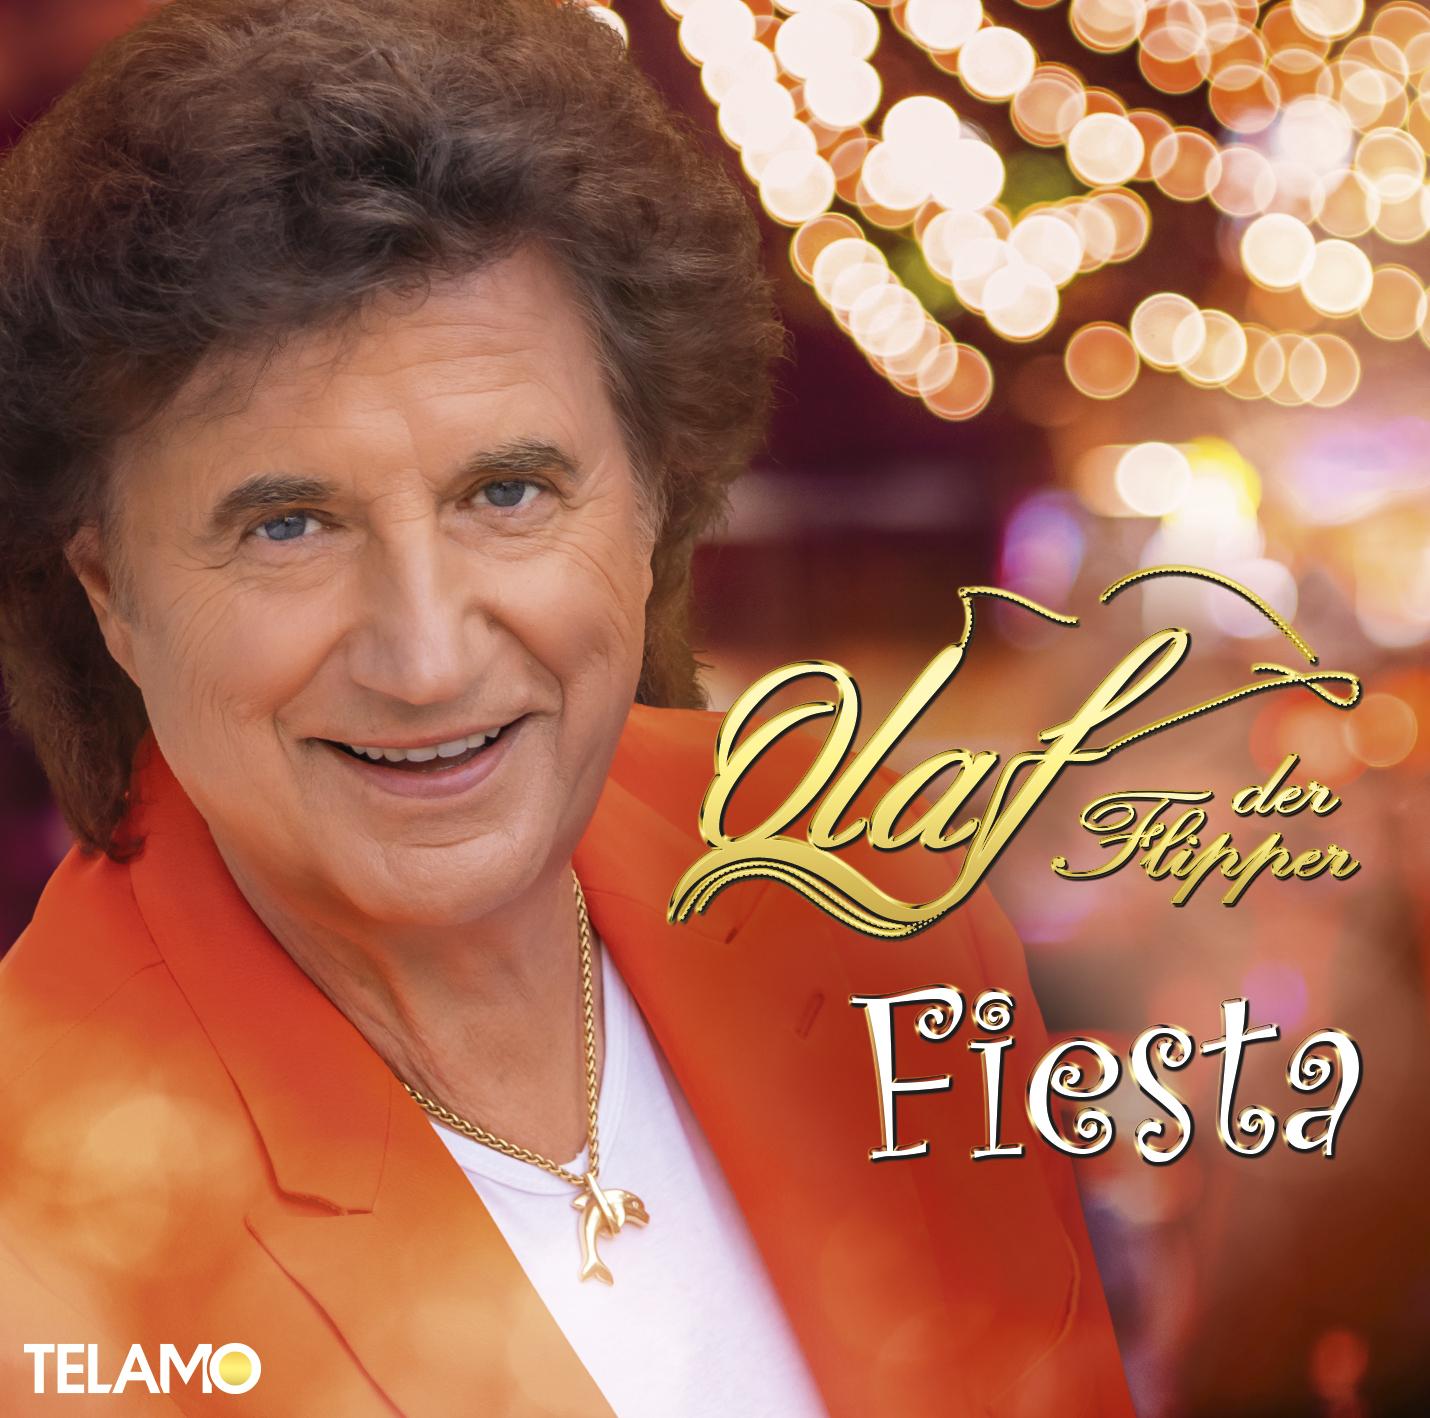 OLAF DER FLIPPER * Fiesta (CD) * Auch als Fanbox erhältlich